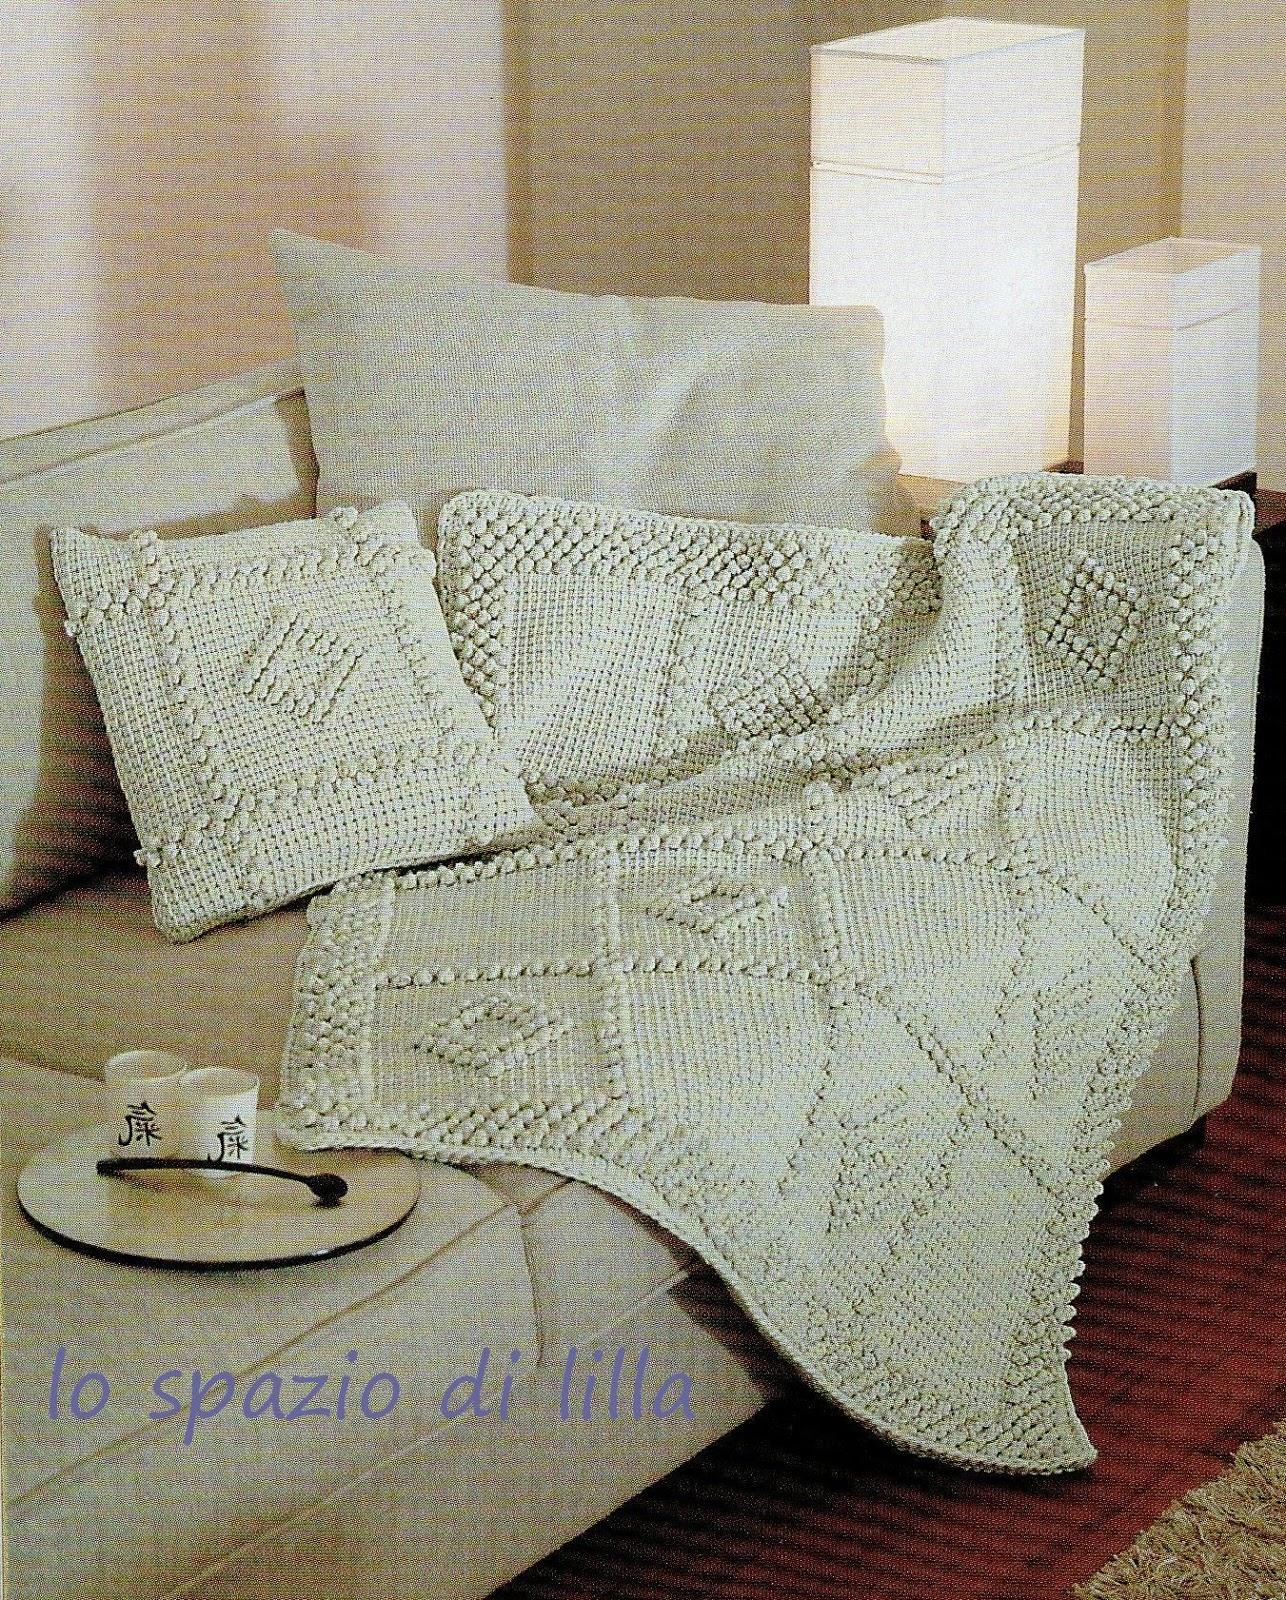 Lo spazio di lilla uncinetto tunisino il cuscino ed il plaid con le